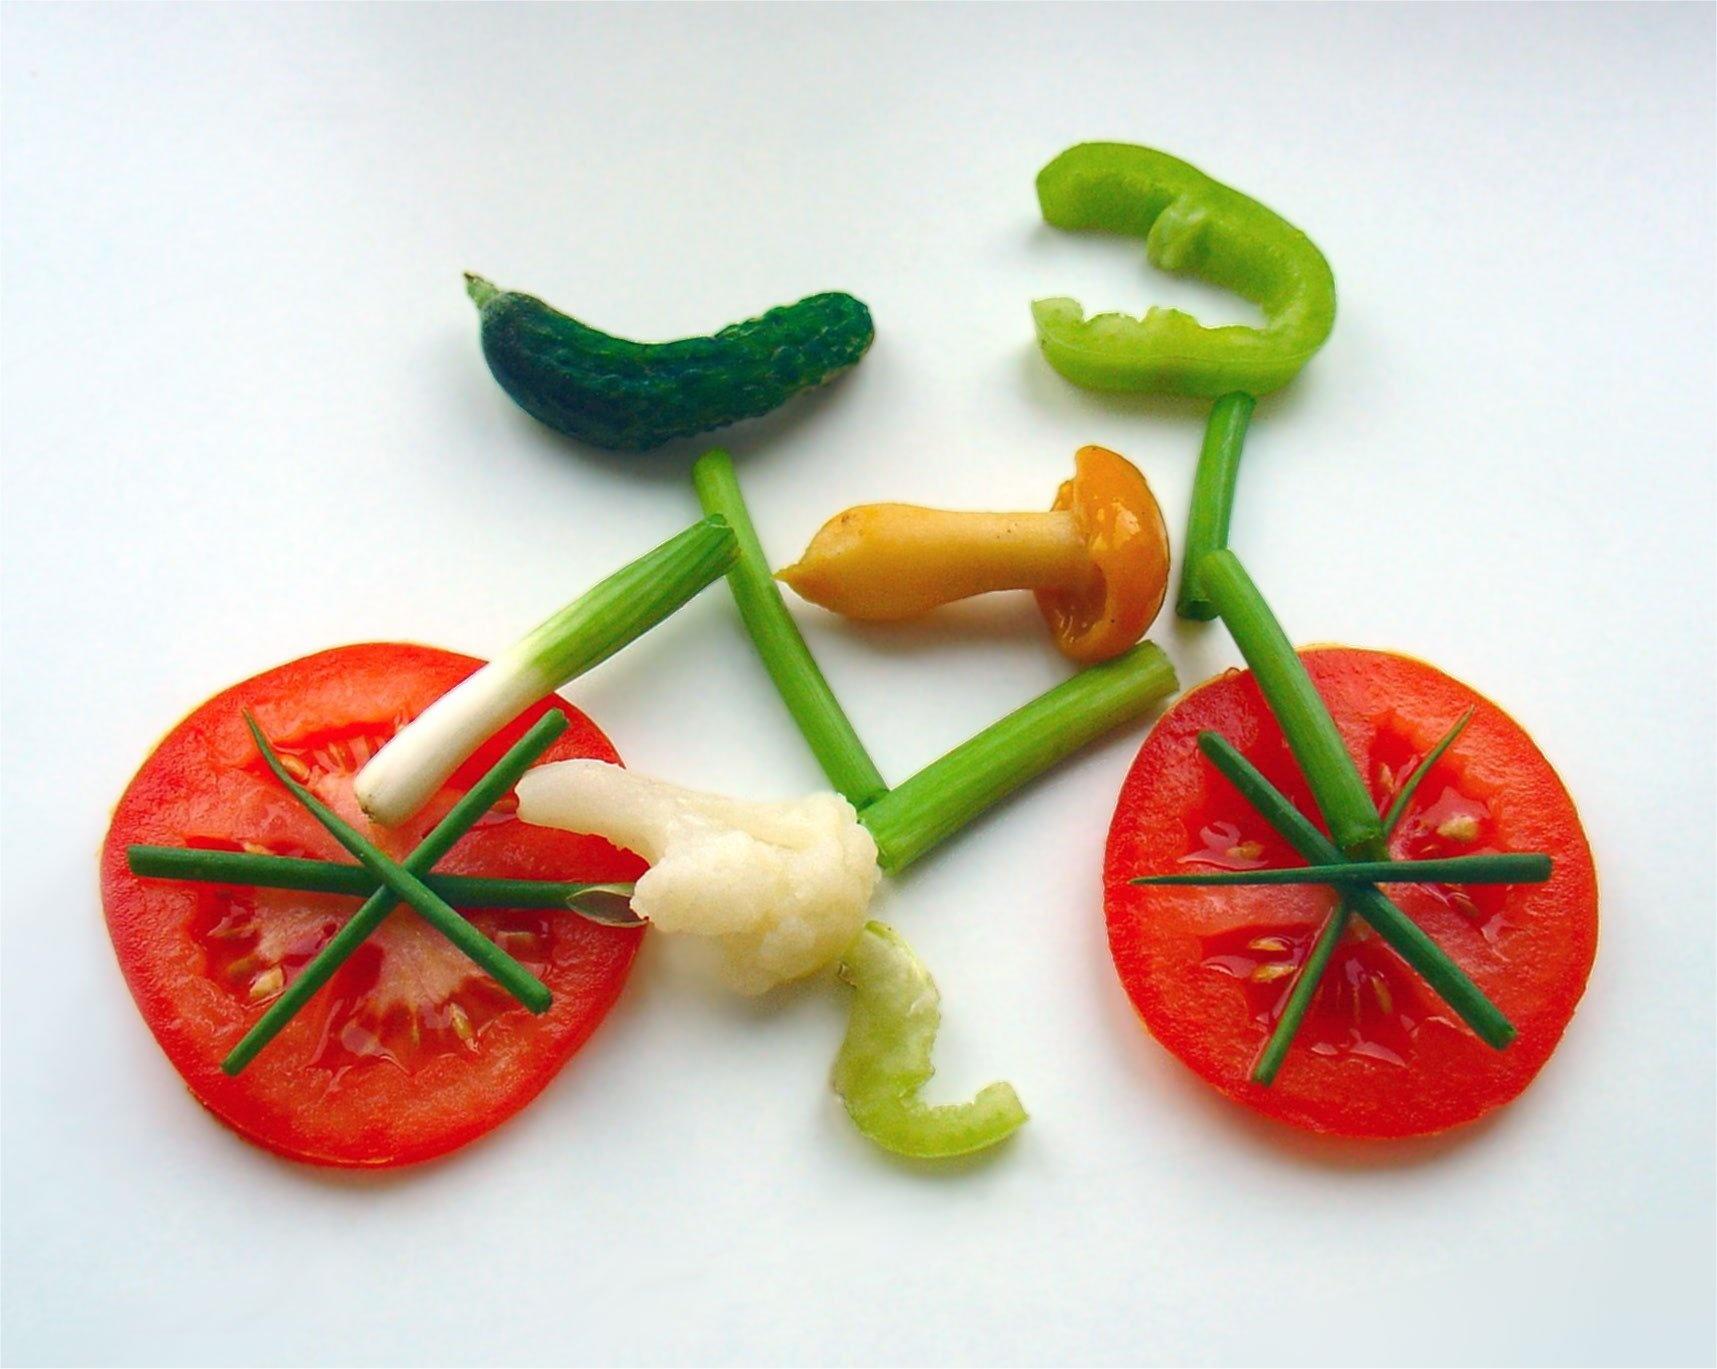 правильное питание для похудения отзывы худеющих